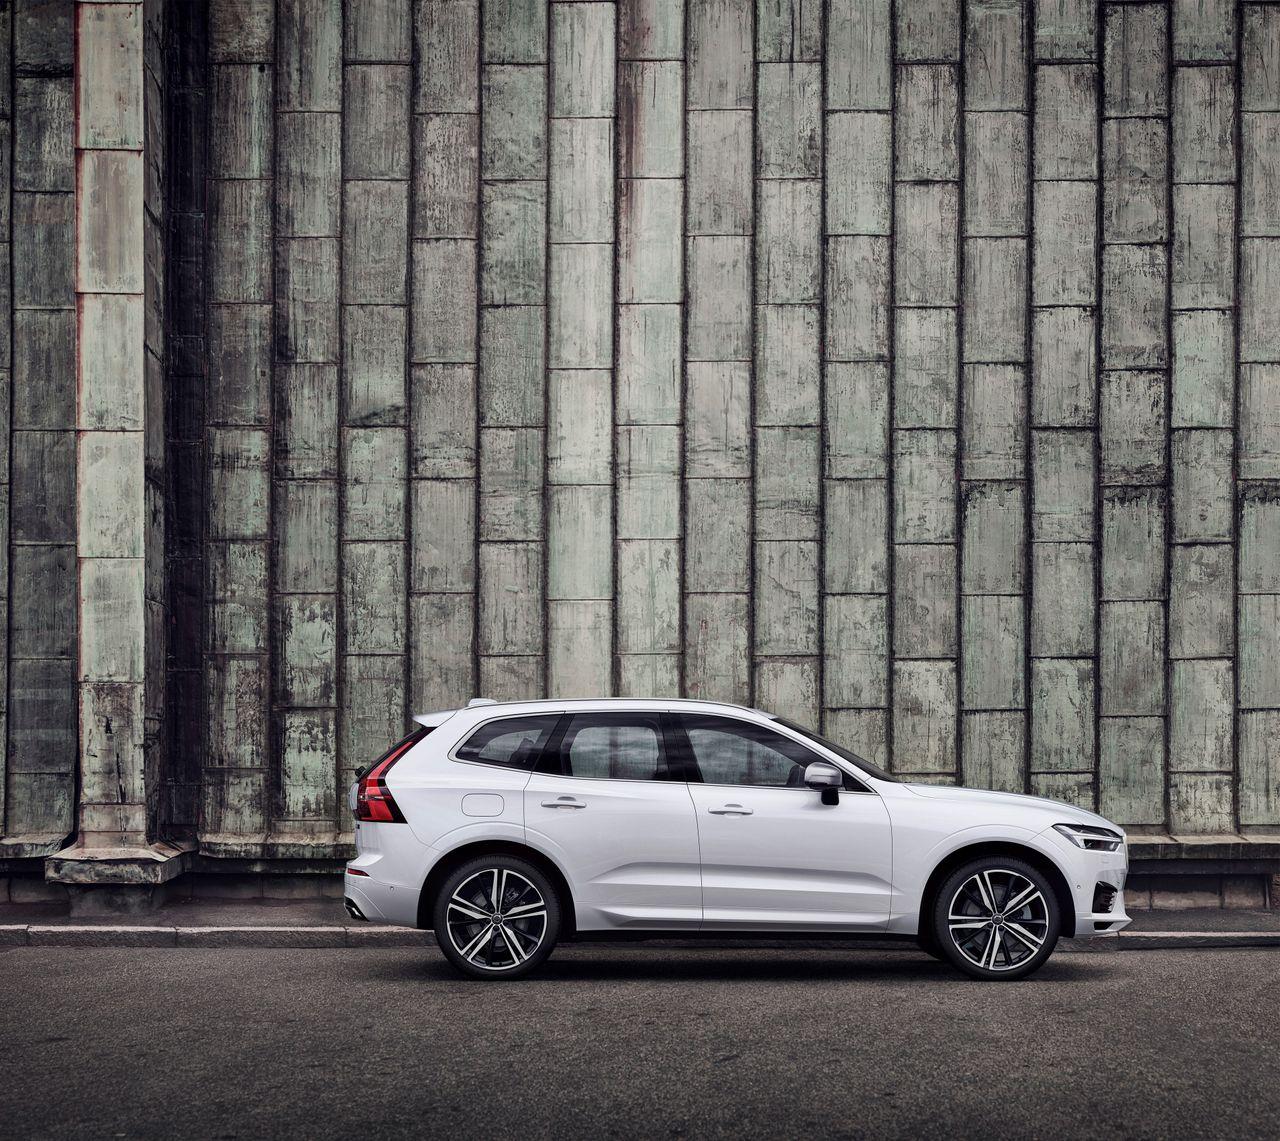 2020 Volvo XC60 (Photos, Price, Performance And Specs